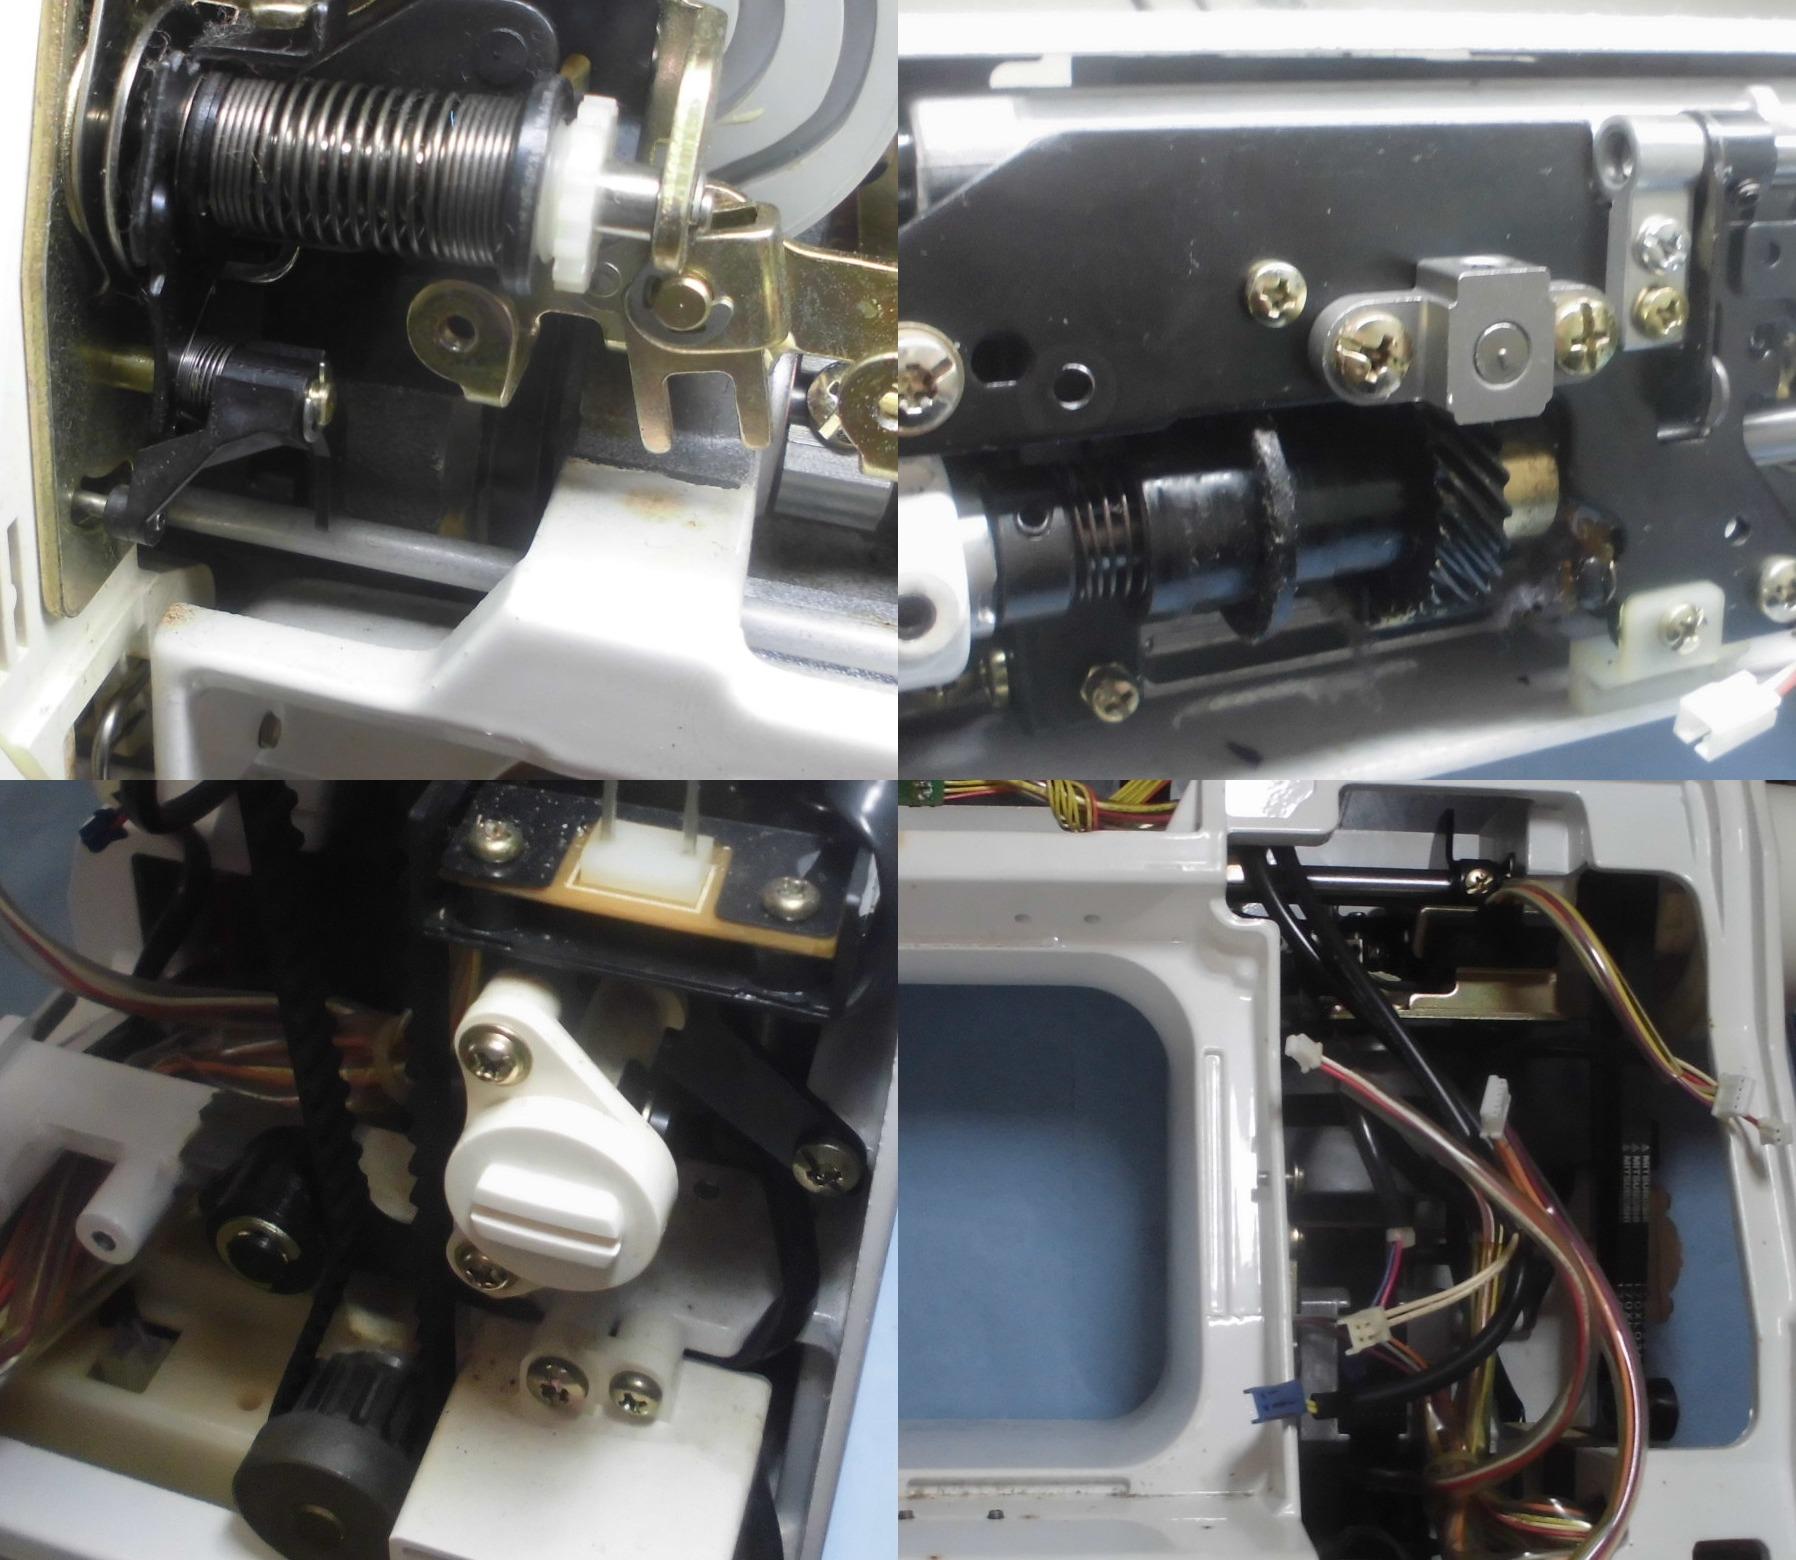 SECIO8210の全体メンテナンス修理|ジャノメミシン